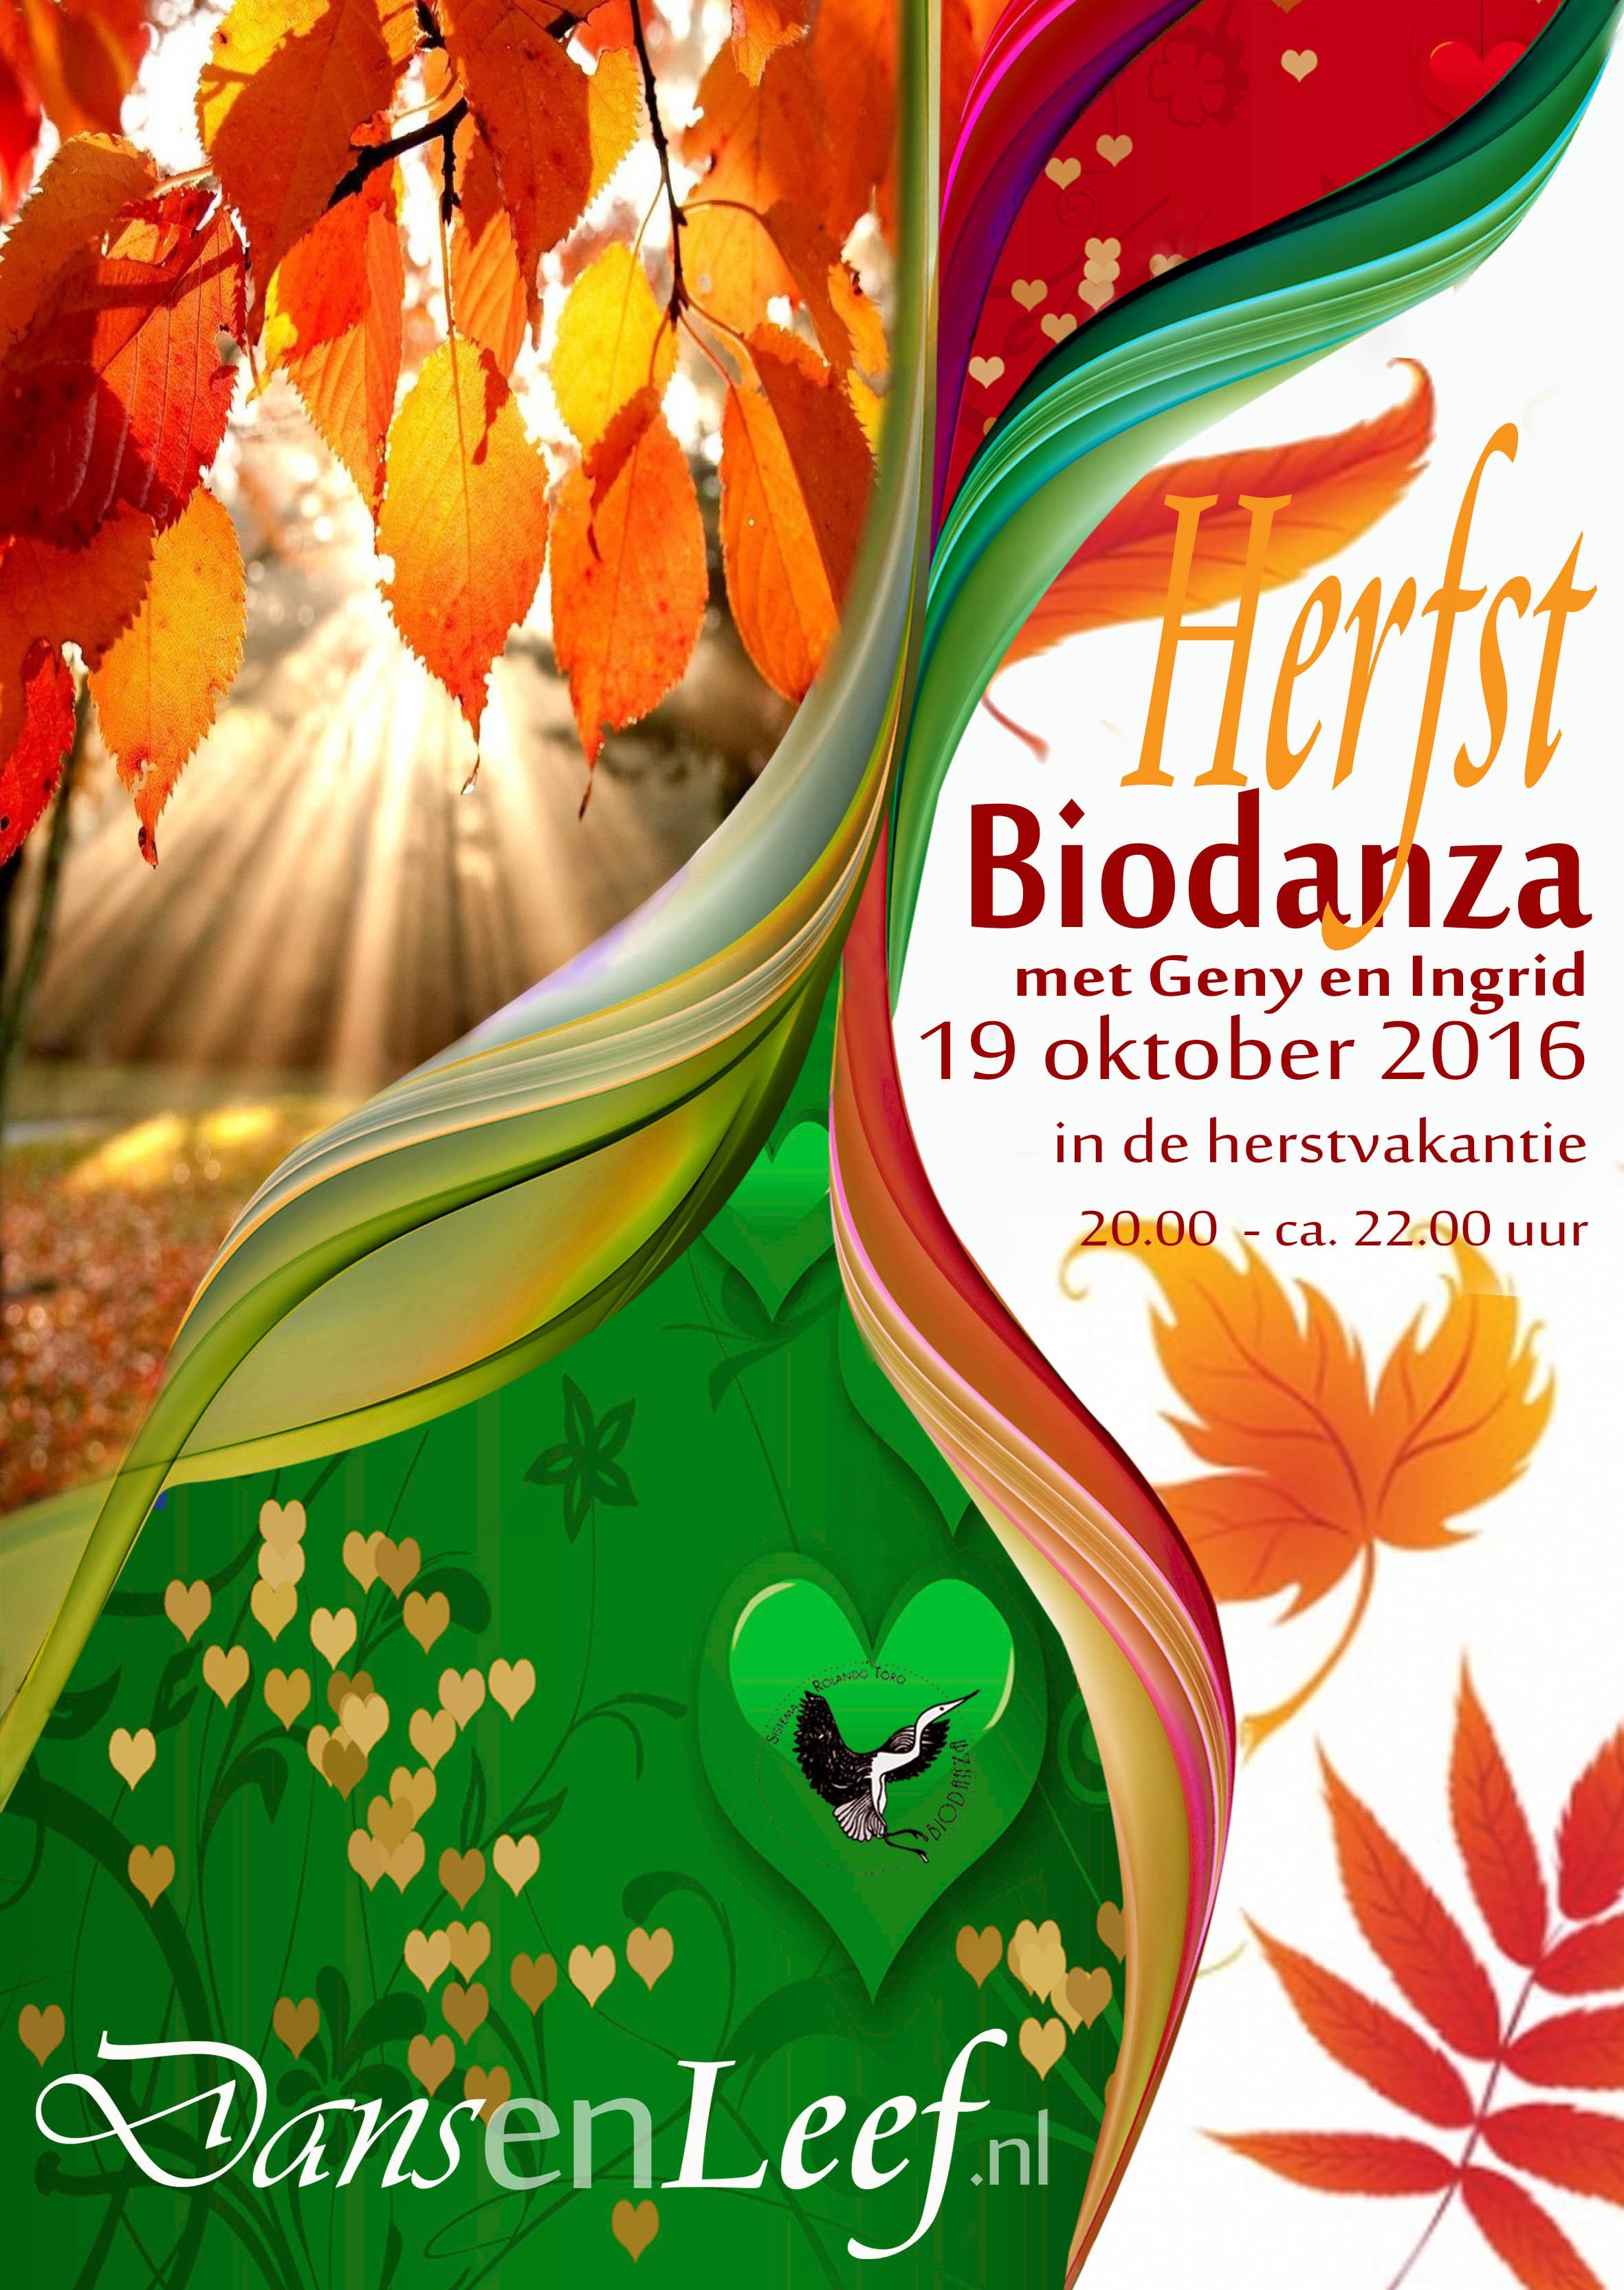 herfst biodanza Dans en leef